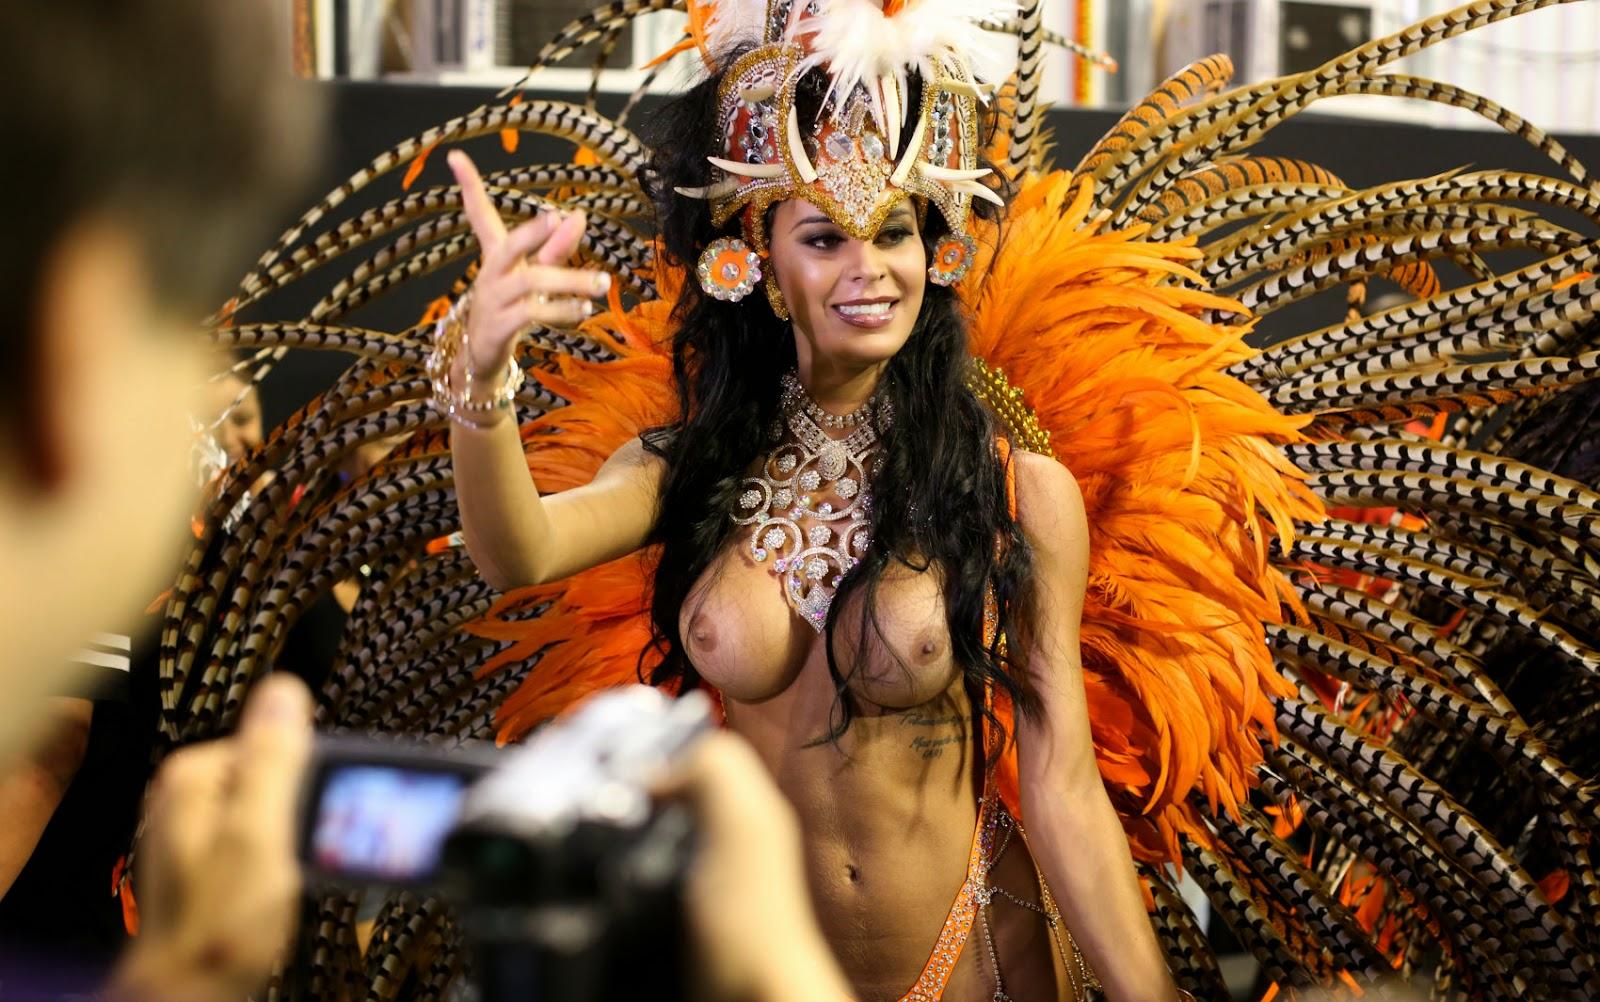 извинился раз карнавал голые девки бразилия ещё